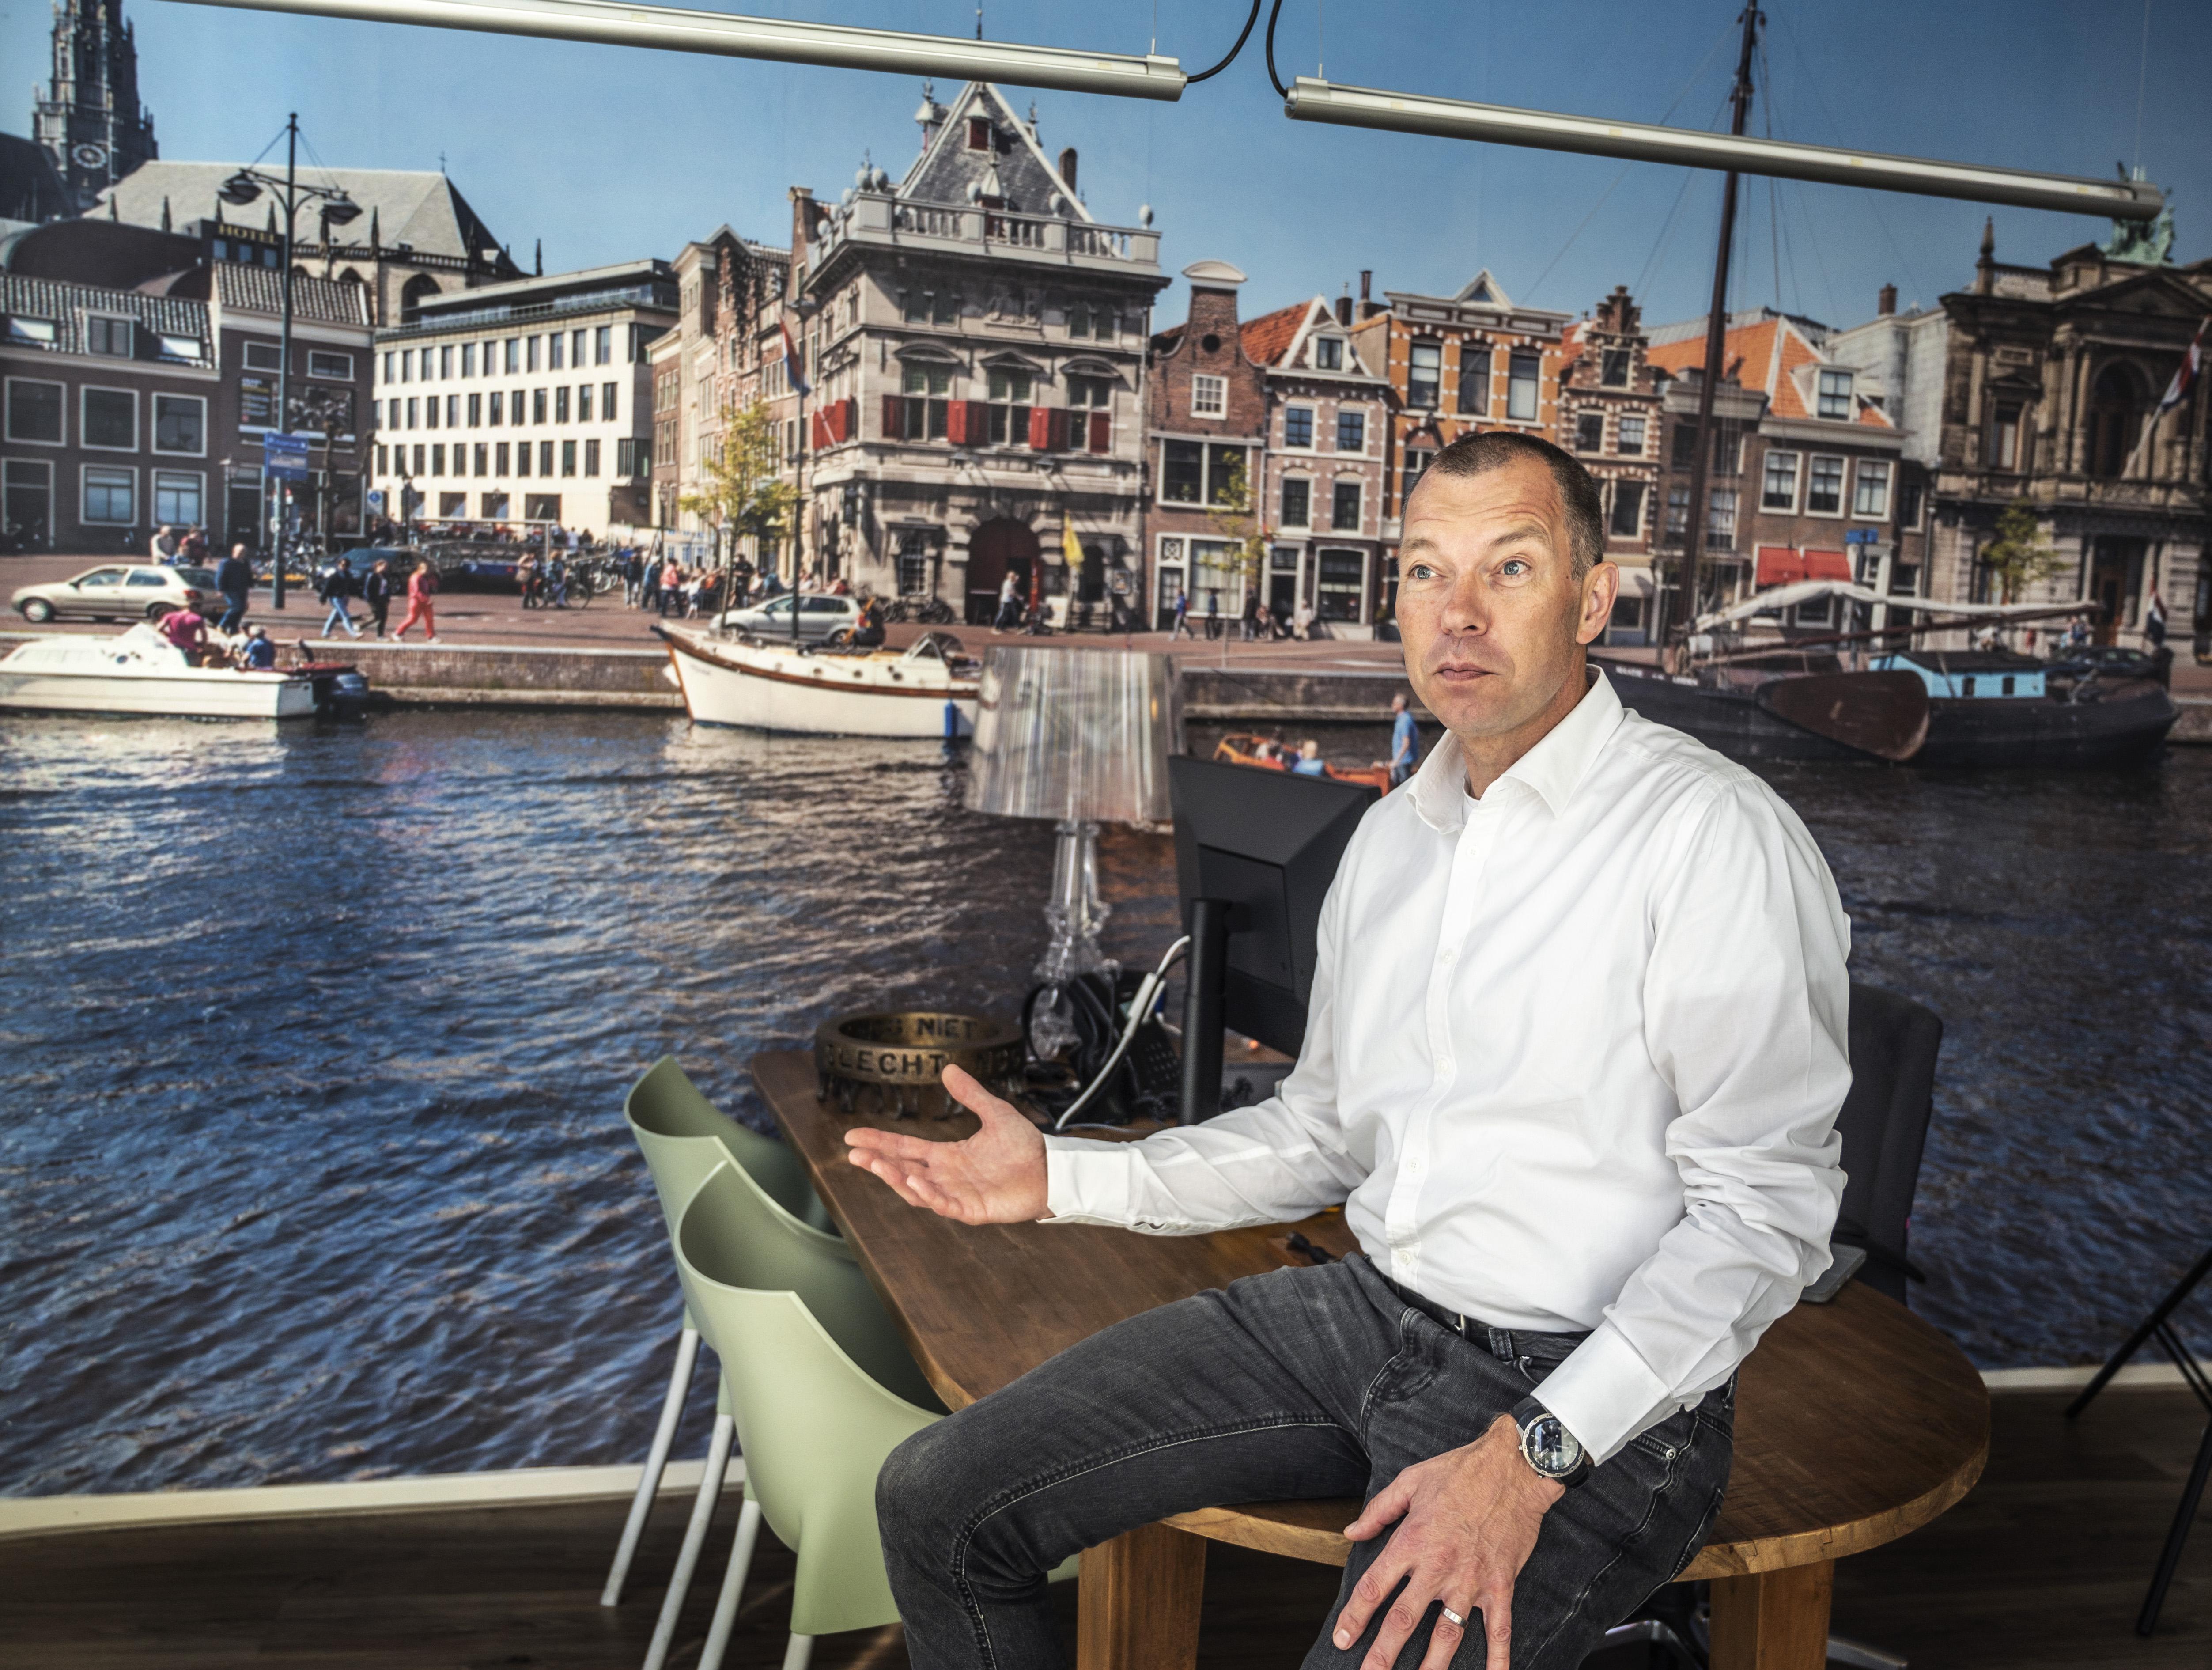 Eric Weijers is al 25 jaar makelaar in Haarlem: 'Starters, wacht niet, koop een huis. Ook nu'